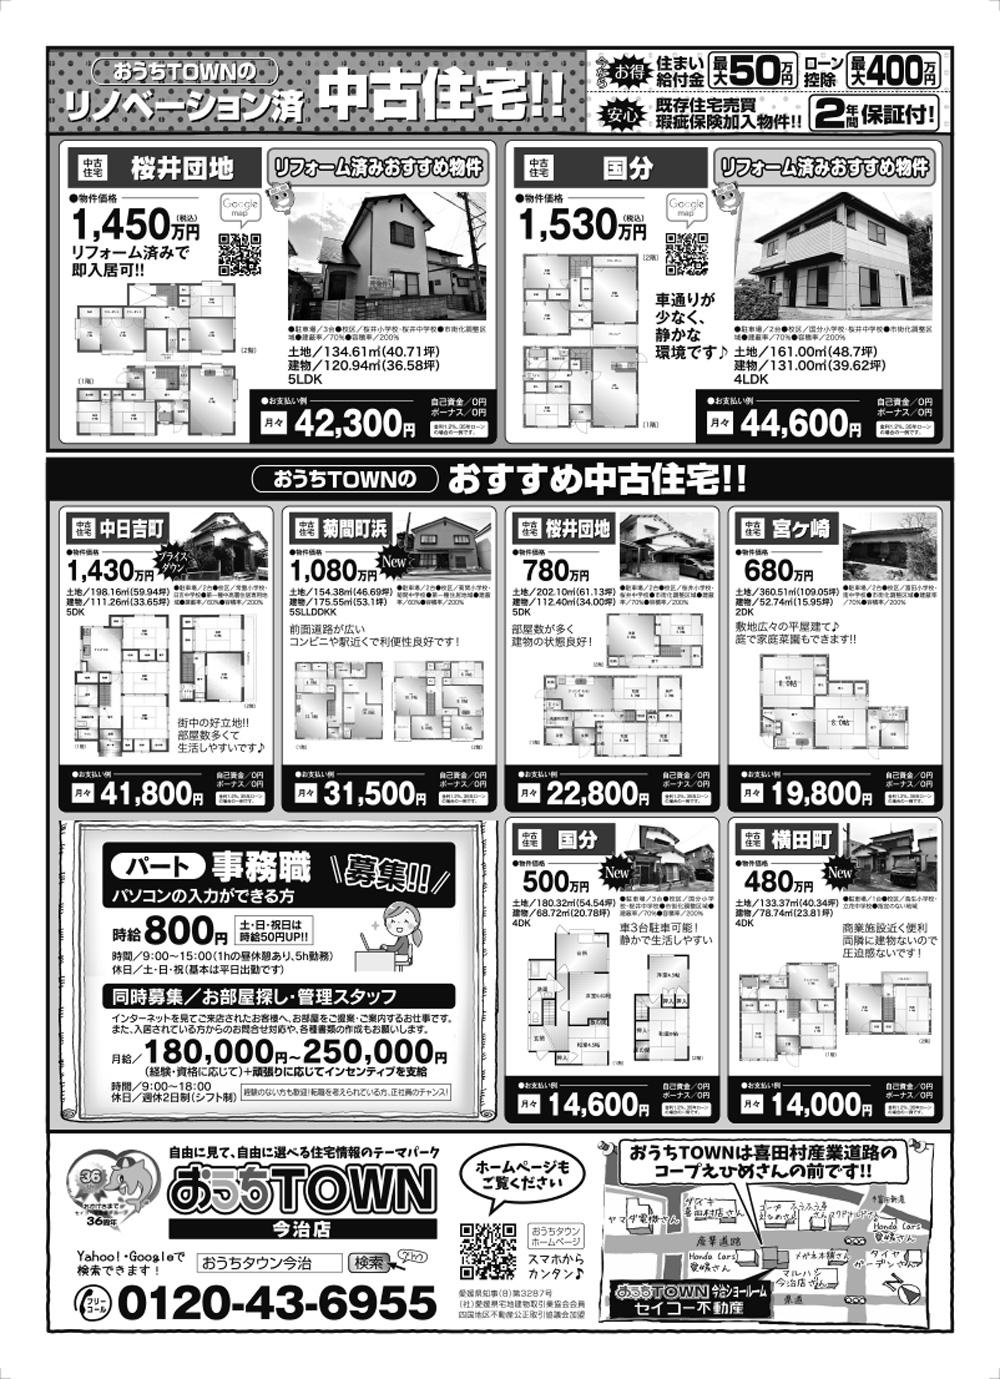 物件画像:おうちTOWNの中古住宅特集!